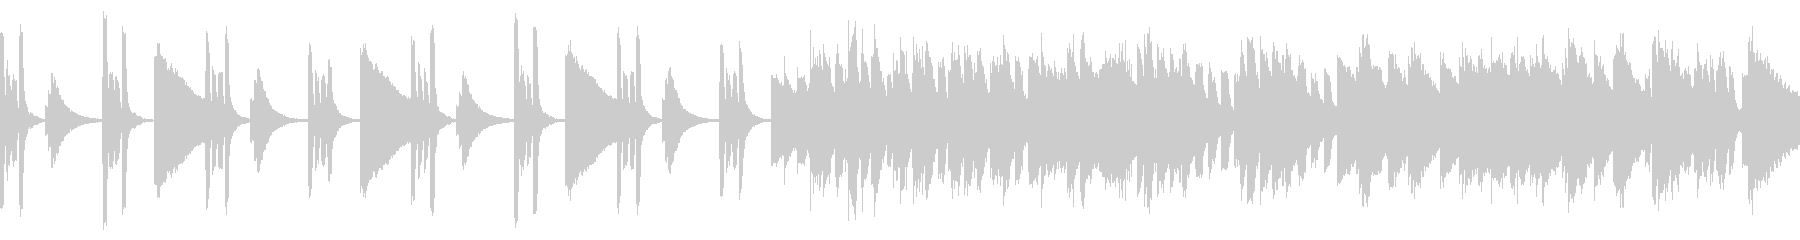 心躍るようなピアノポップスの未再生の波形